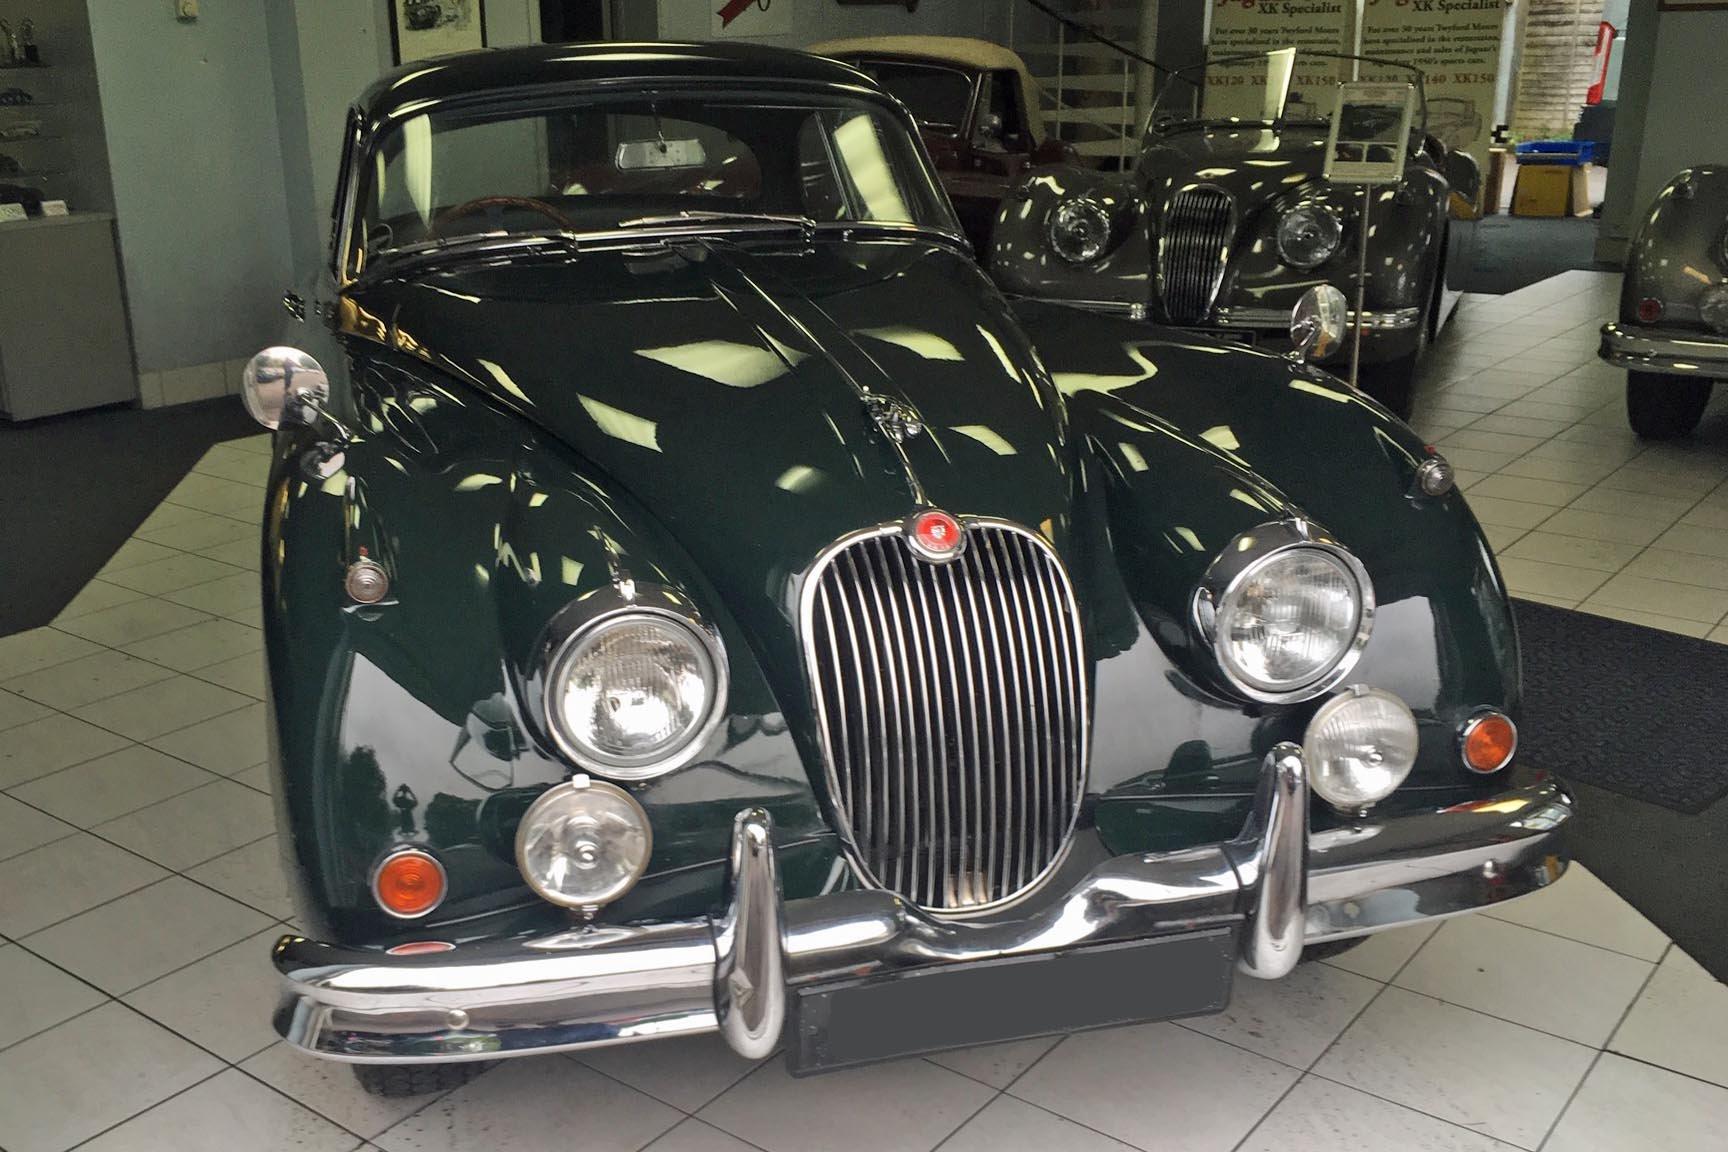 1960 Jaguar XK150 3.4 S FHC For Sale (picture 1 of 4)